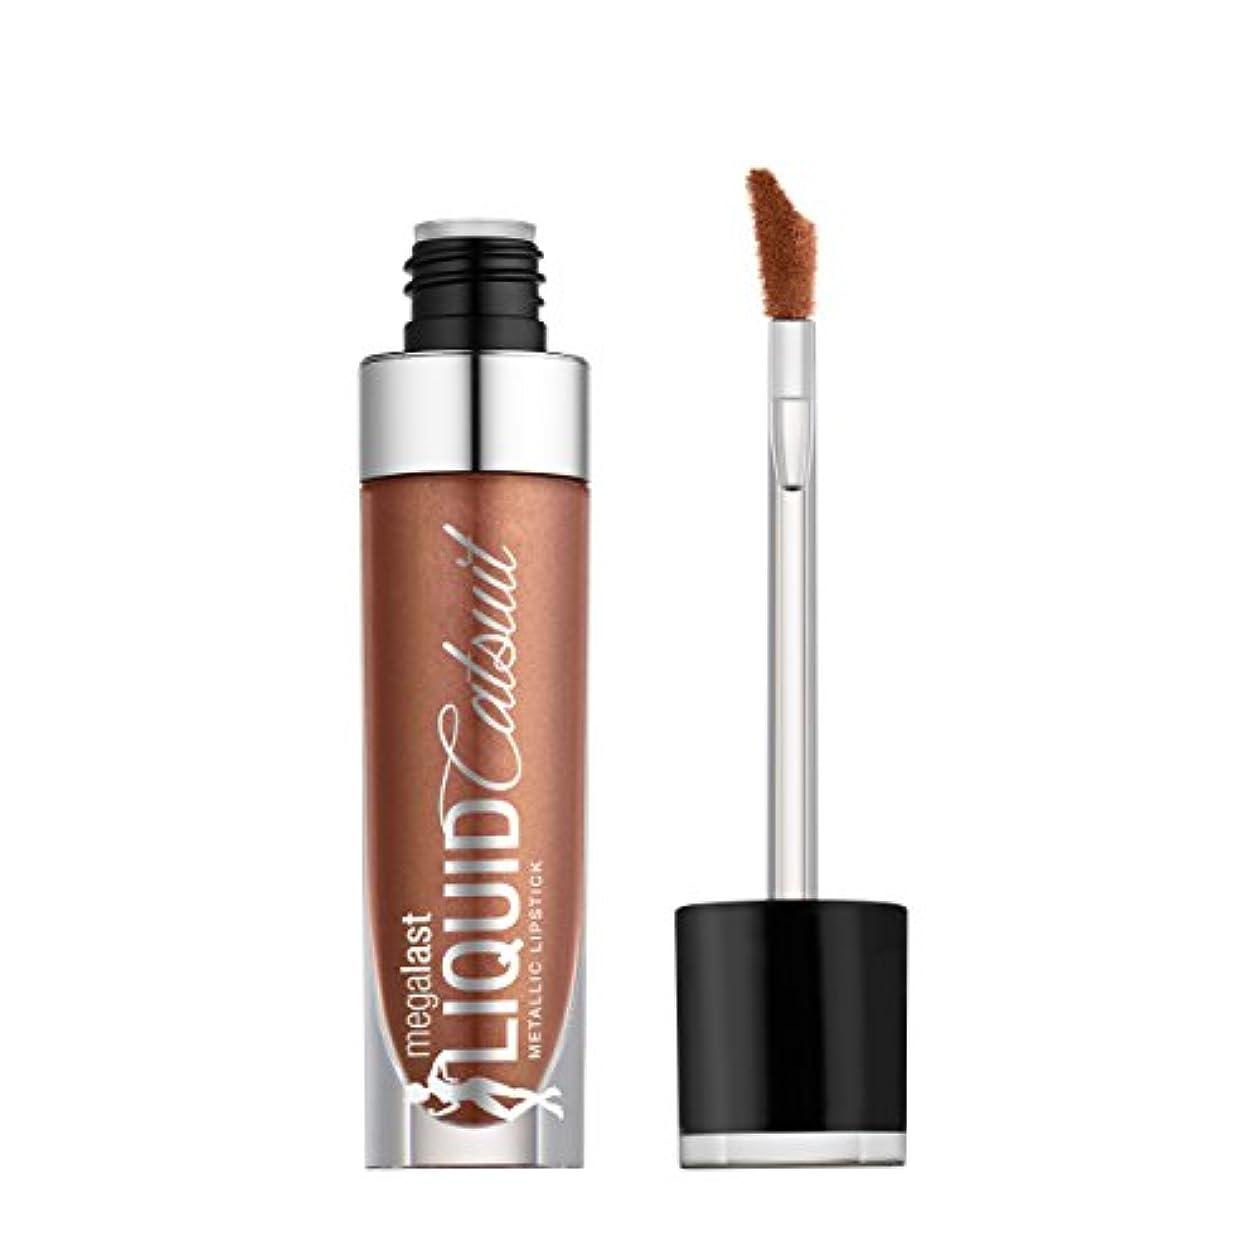 ちらつき分布消えるWET N WILD Megalast Liquid Catsuit Metallic Lipstick - Satin Sheets (並行輸入品)